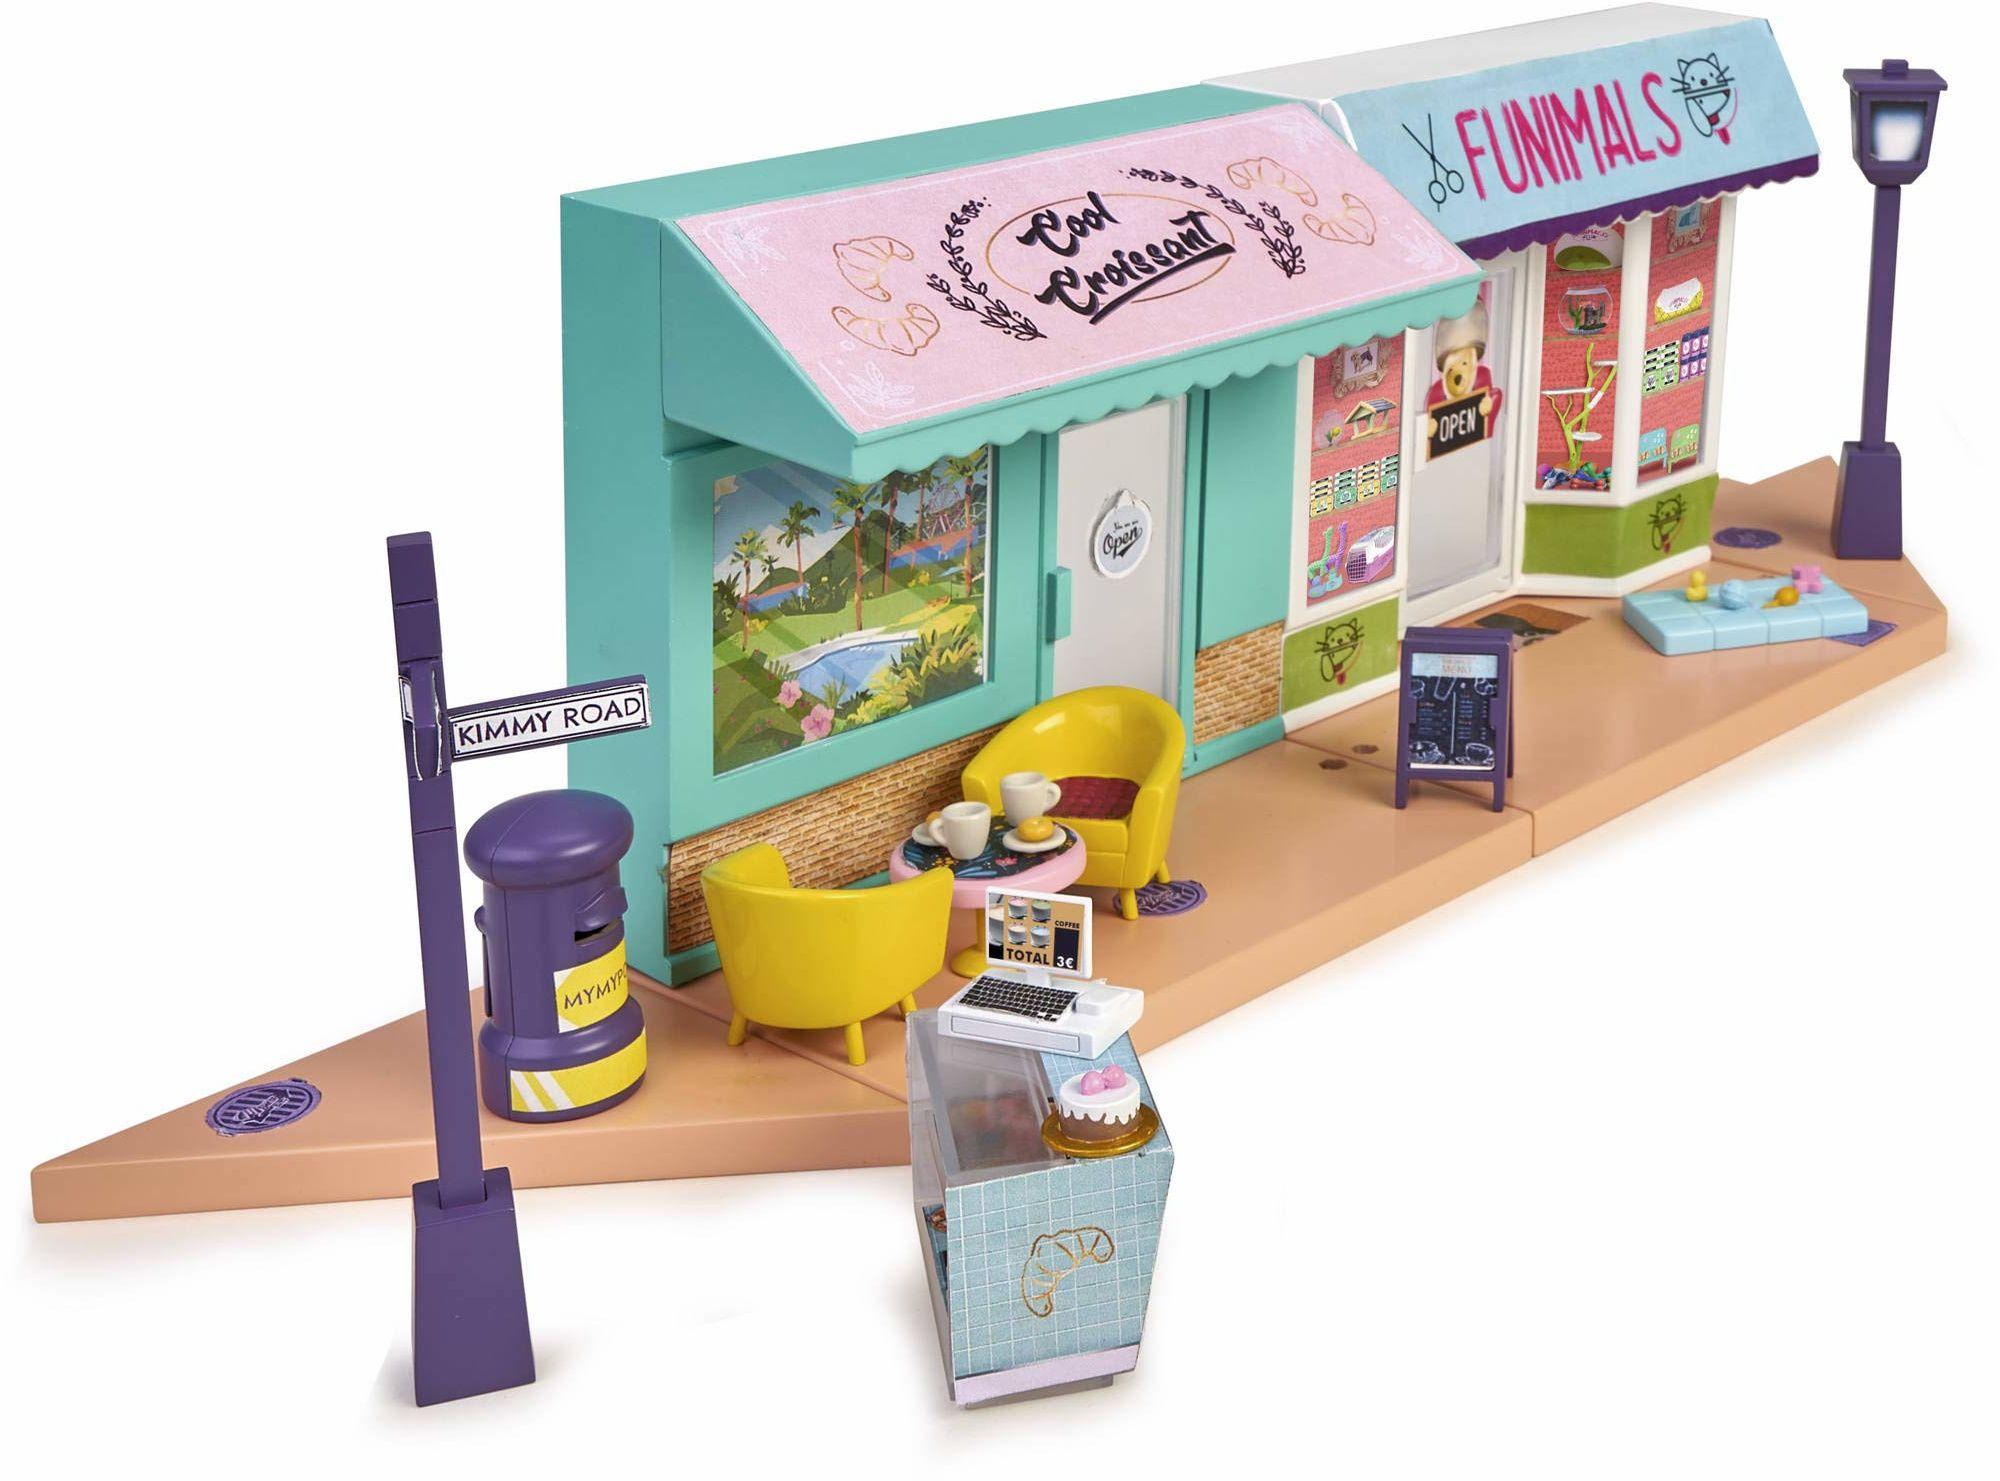 Funny Shopping - Mymy City - zestaw namiotów zabawkowych z akcesoriami (Famosa 700015819)